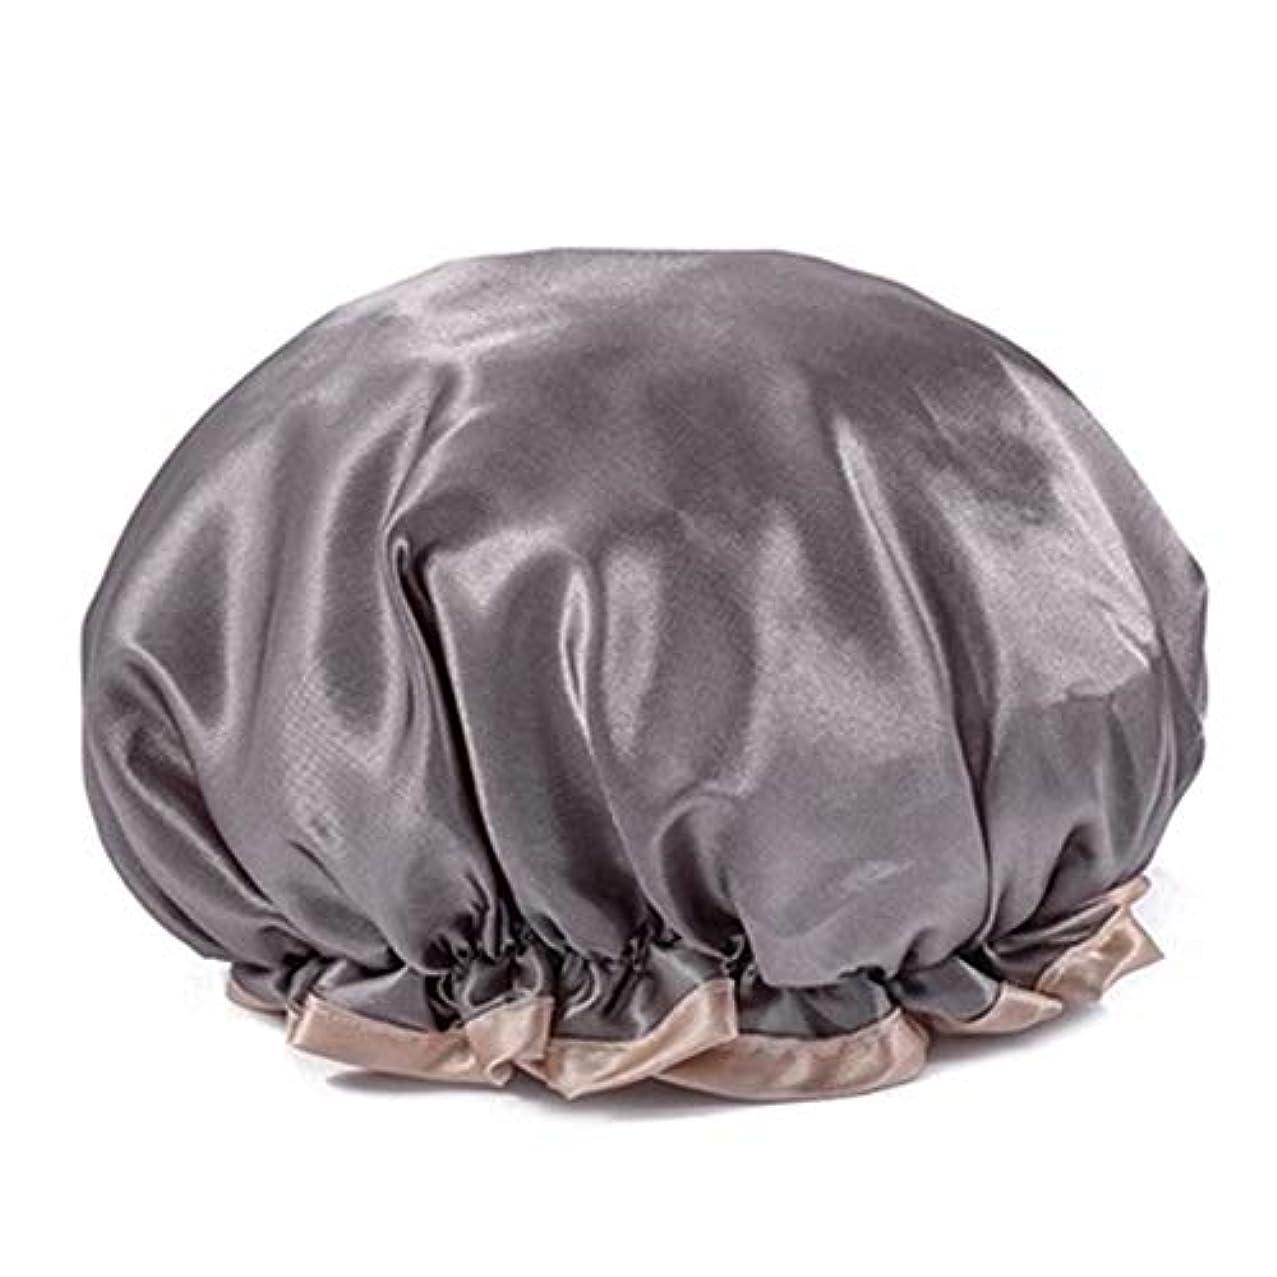 邪悪なビート会話型シャワーキャップ 可愛い ヘアキャップ フリーサイズ 防水帽 入浴チャップ 浴用帽子 サロンの髪を保護する帽子 お風呂 旅行セット 繰り返す使用可能 化粧帽 油煙を防ぐ ヘアーターバン (グレー)